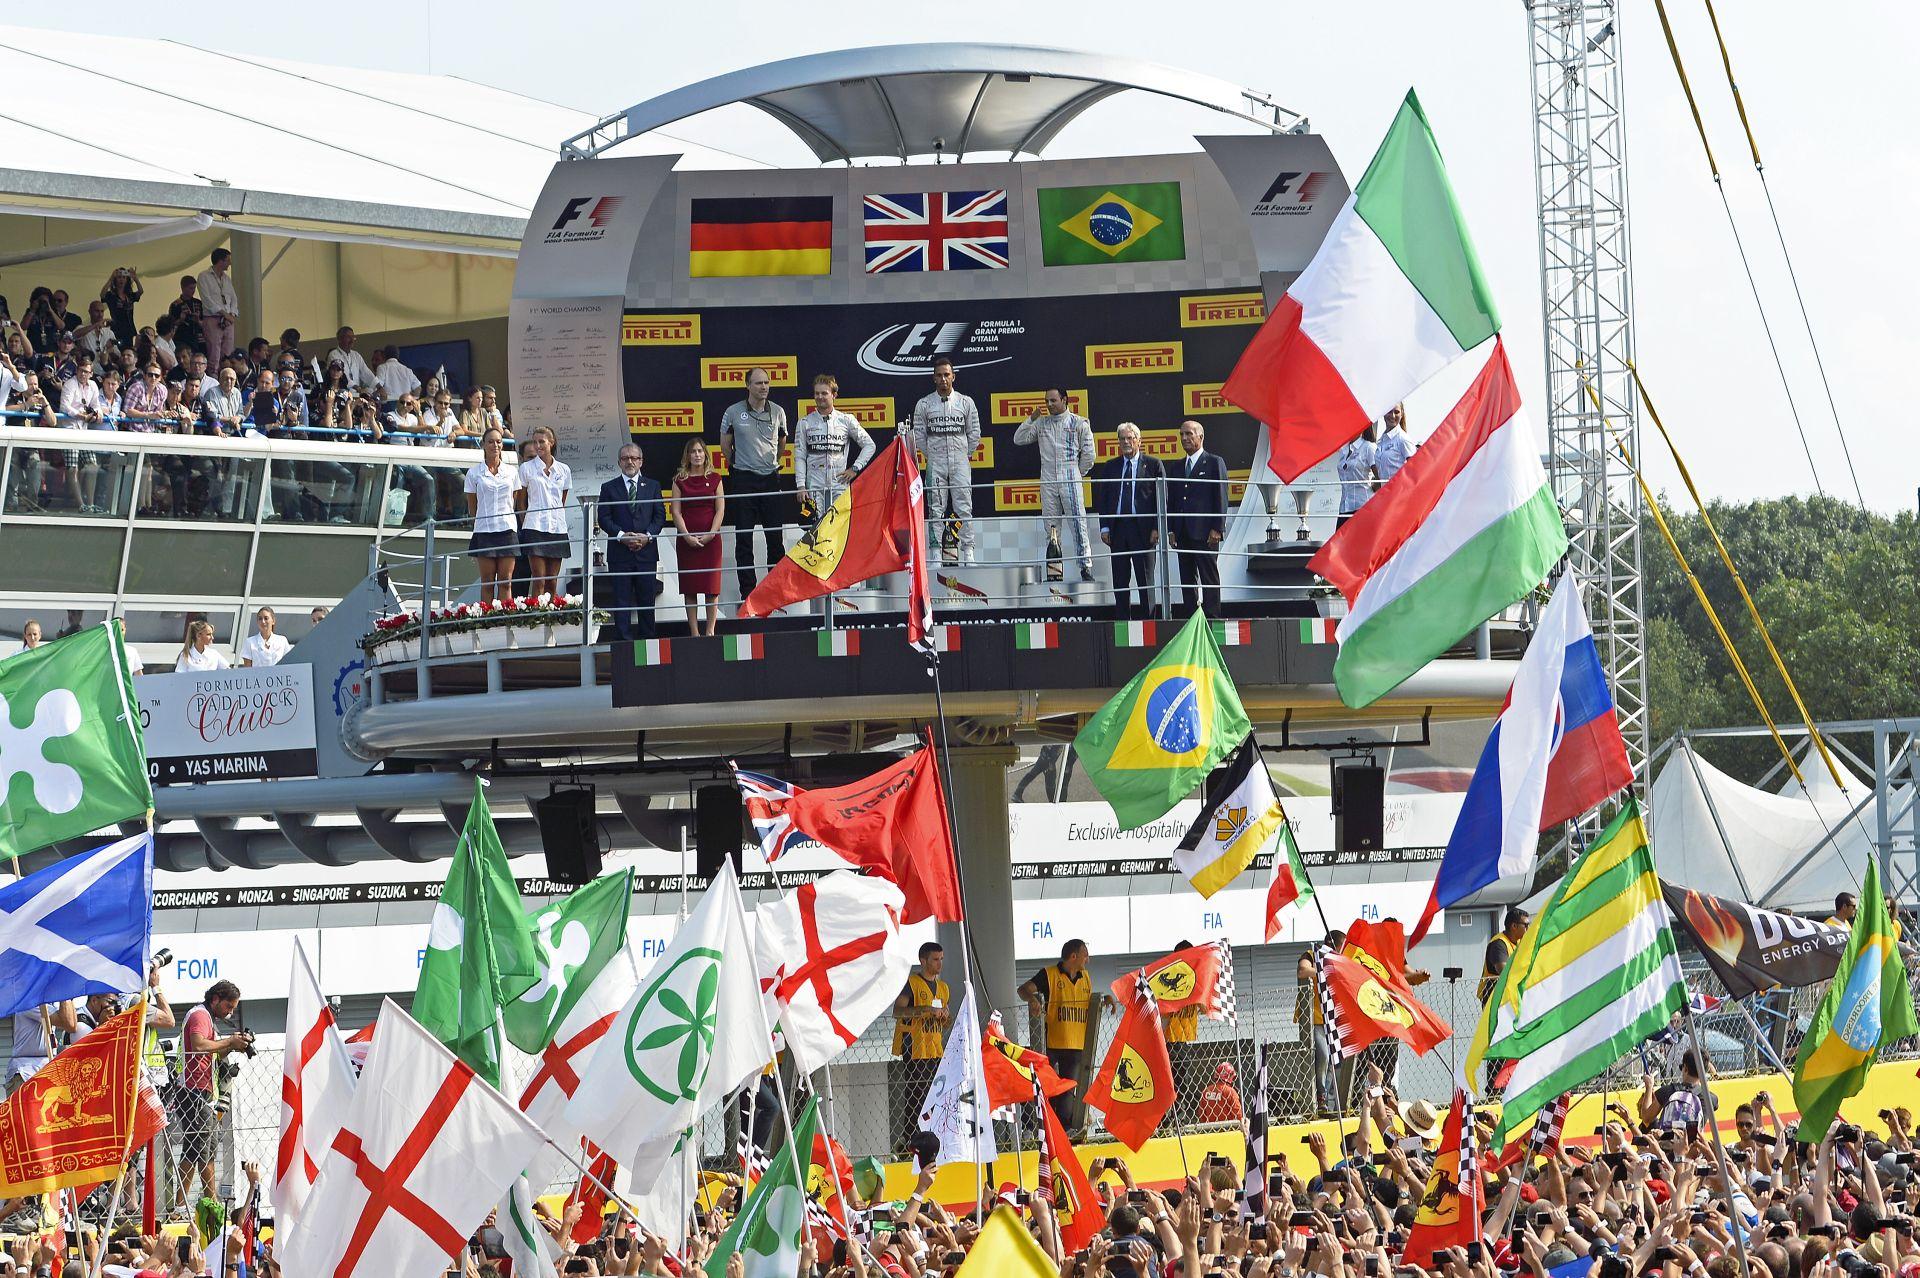 Nincs minden veszve, van esély arra, hogy Monza a Forma-1-ben maradjon